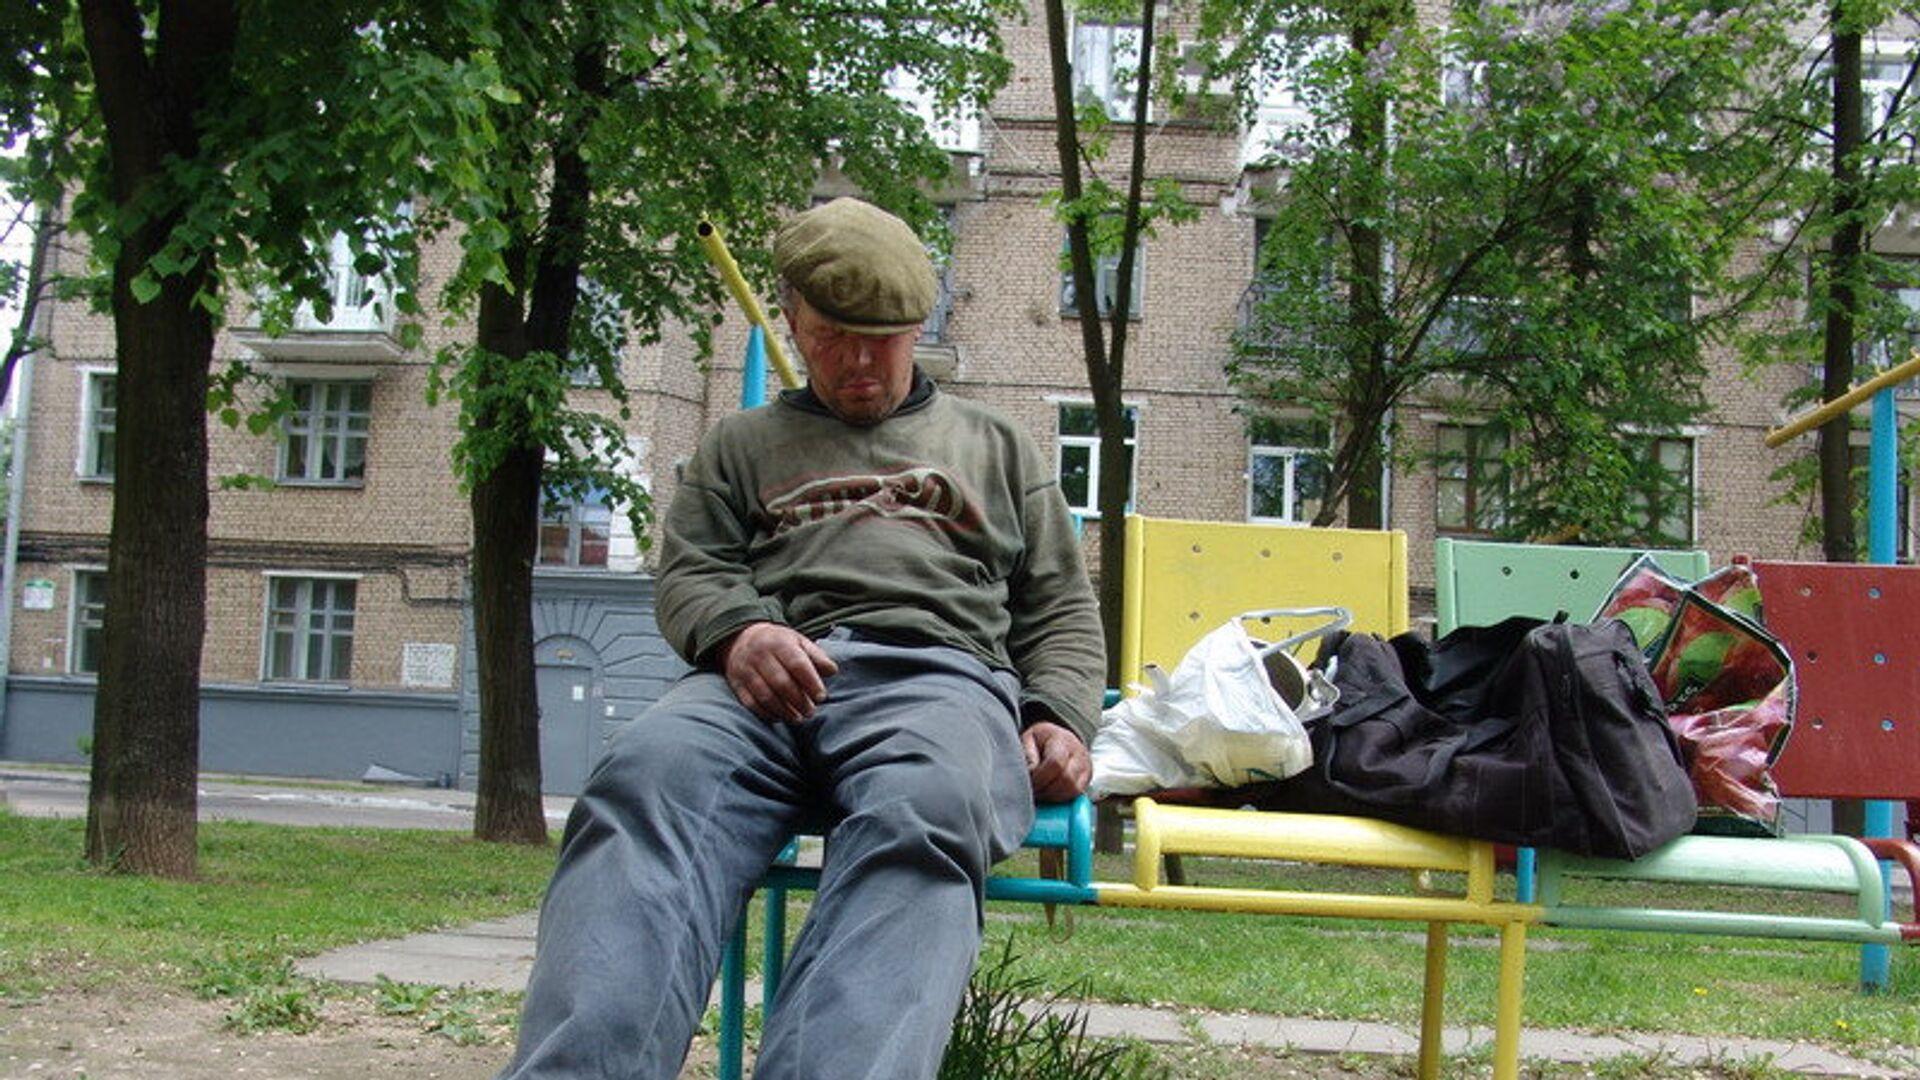 Пьяный мужчина на лавочке города Минска - РИА Новости, 1920, 16.08.2021